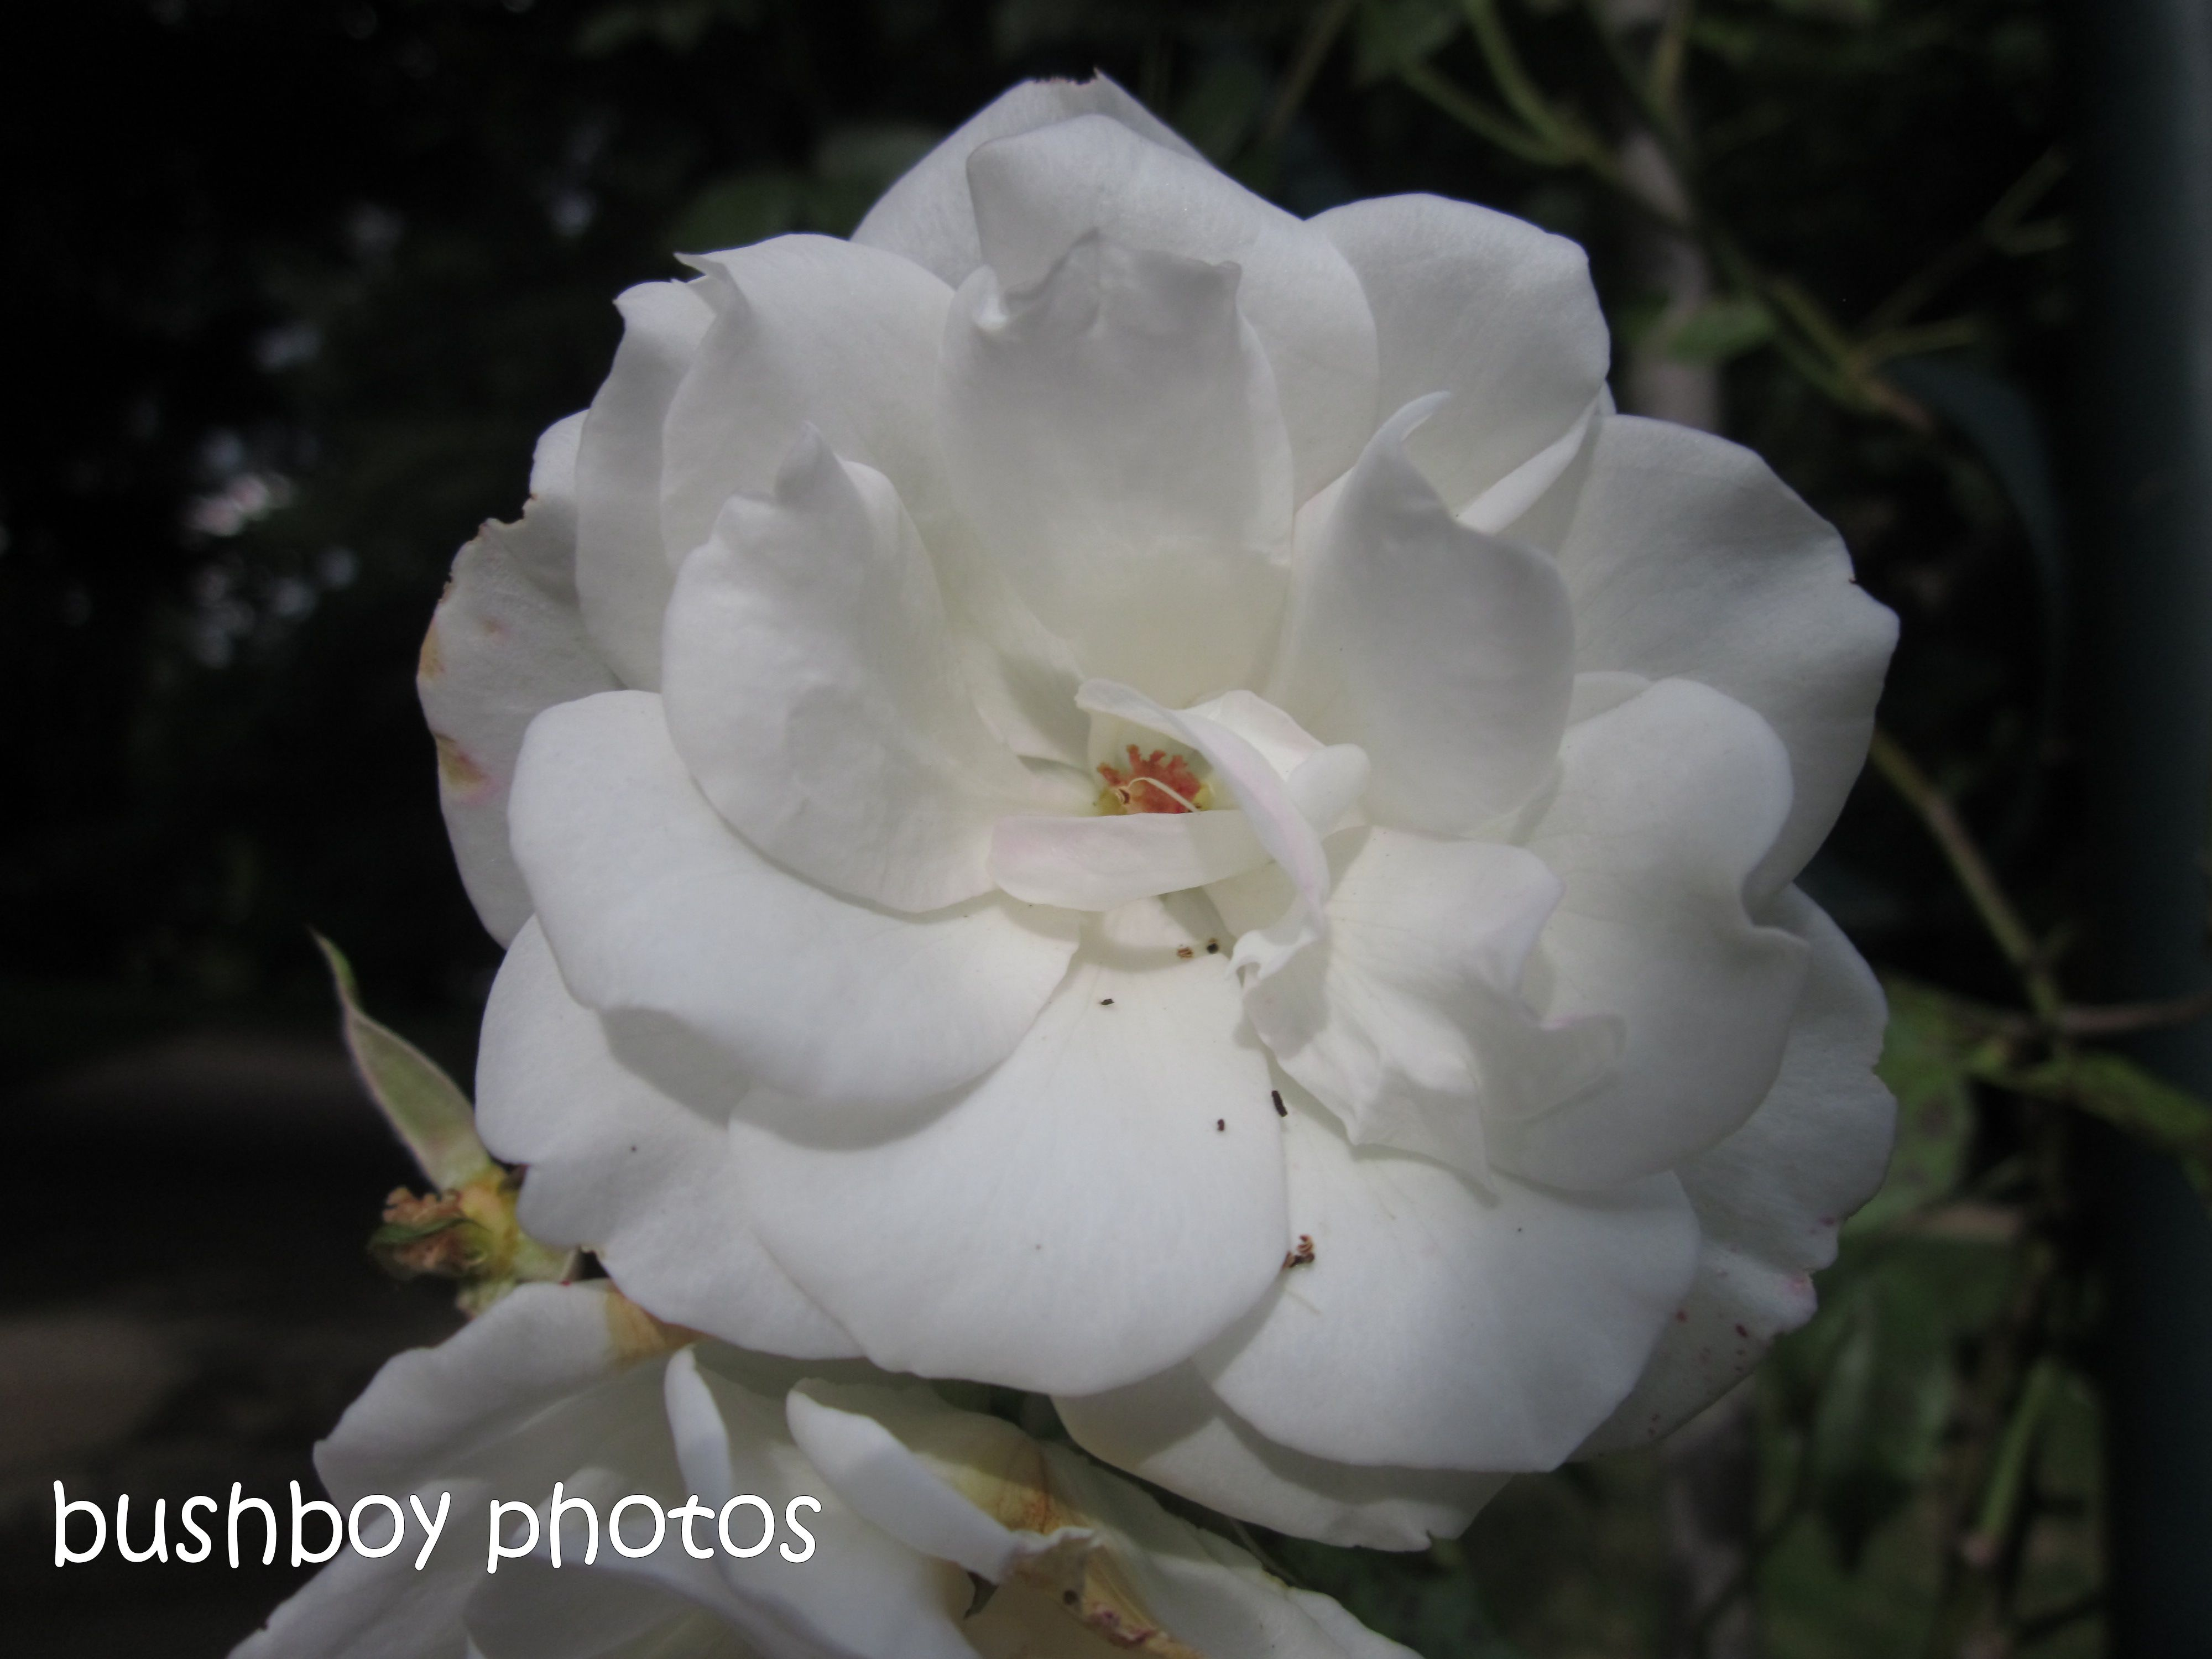 rose_white_named_orange_feb 2015